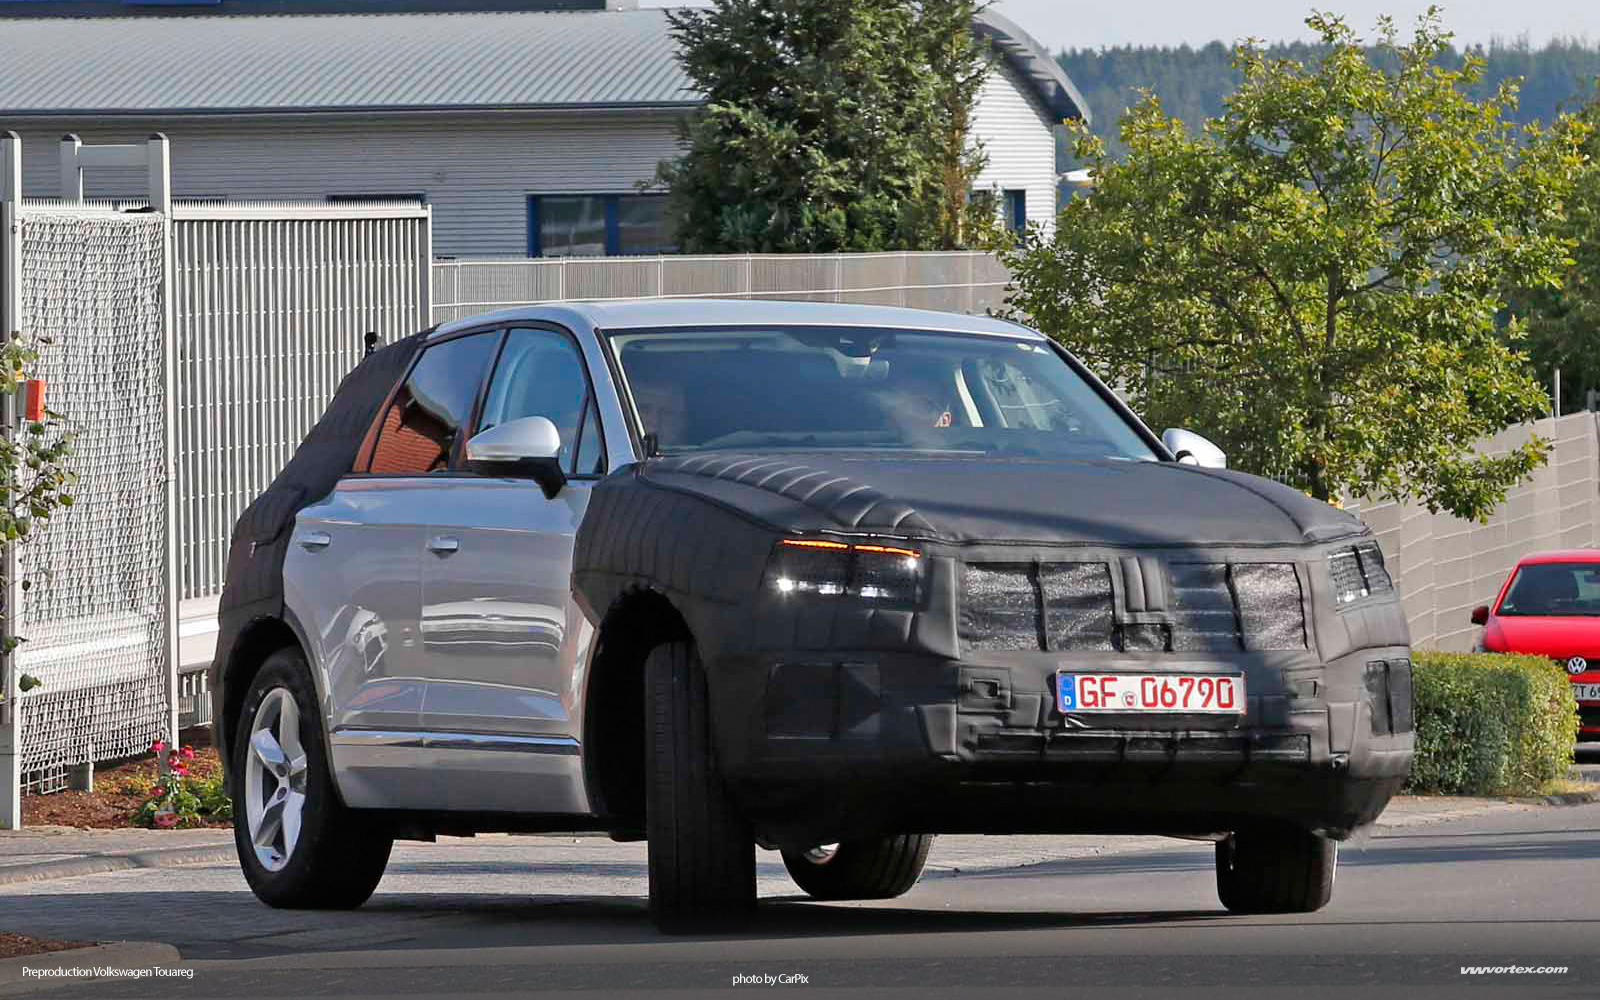 VW-Touareg-1